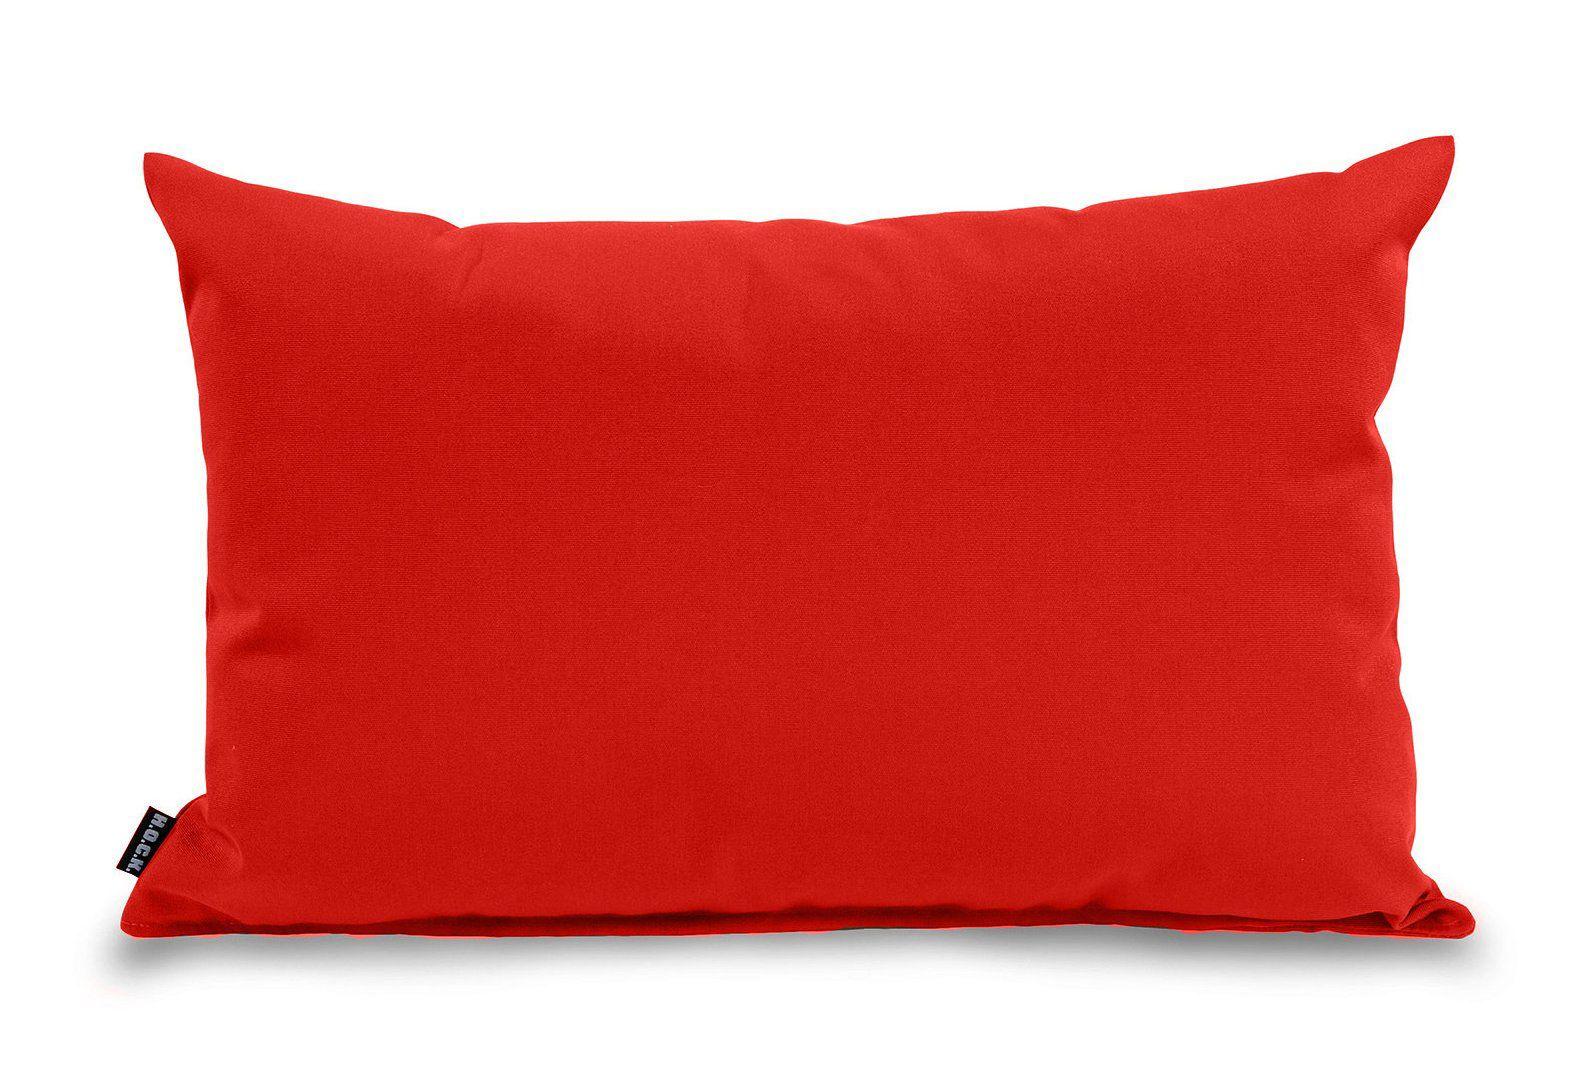 kissen hock classic preise vergleichen und g nstig einkaufen bei der preis. Black Bedroom Furniture Sets. Home Design Ideas